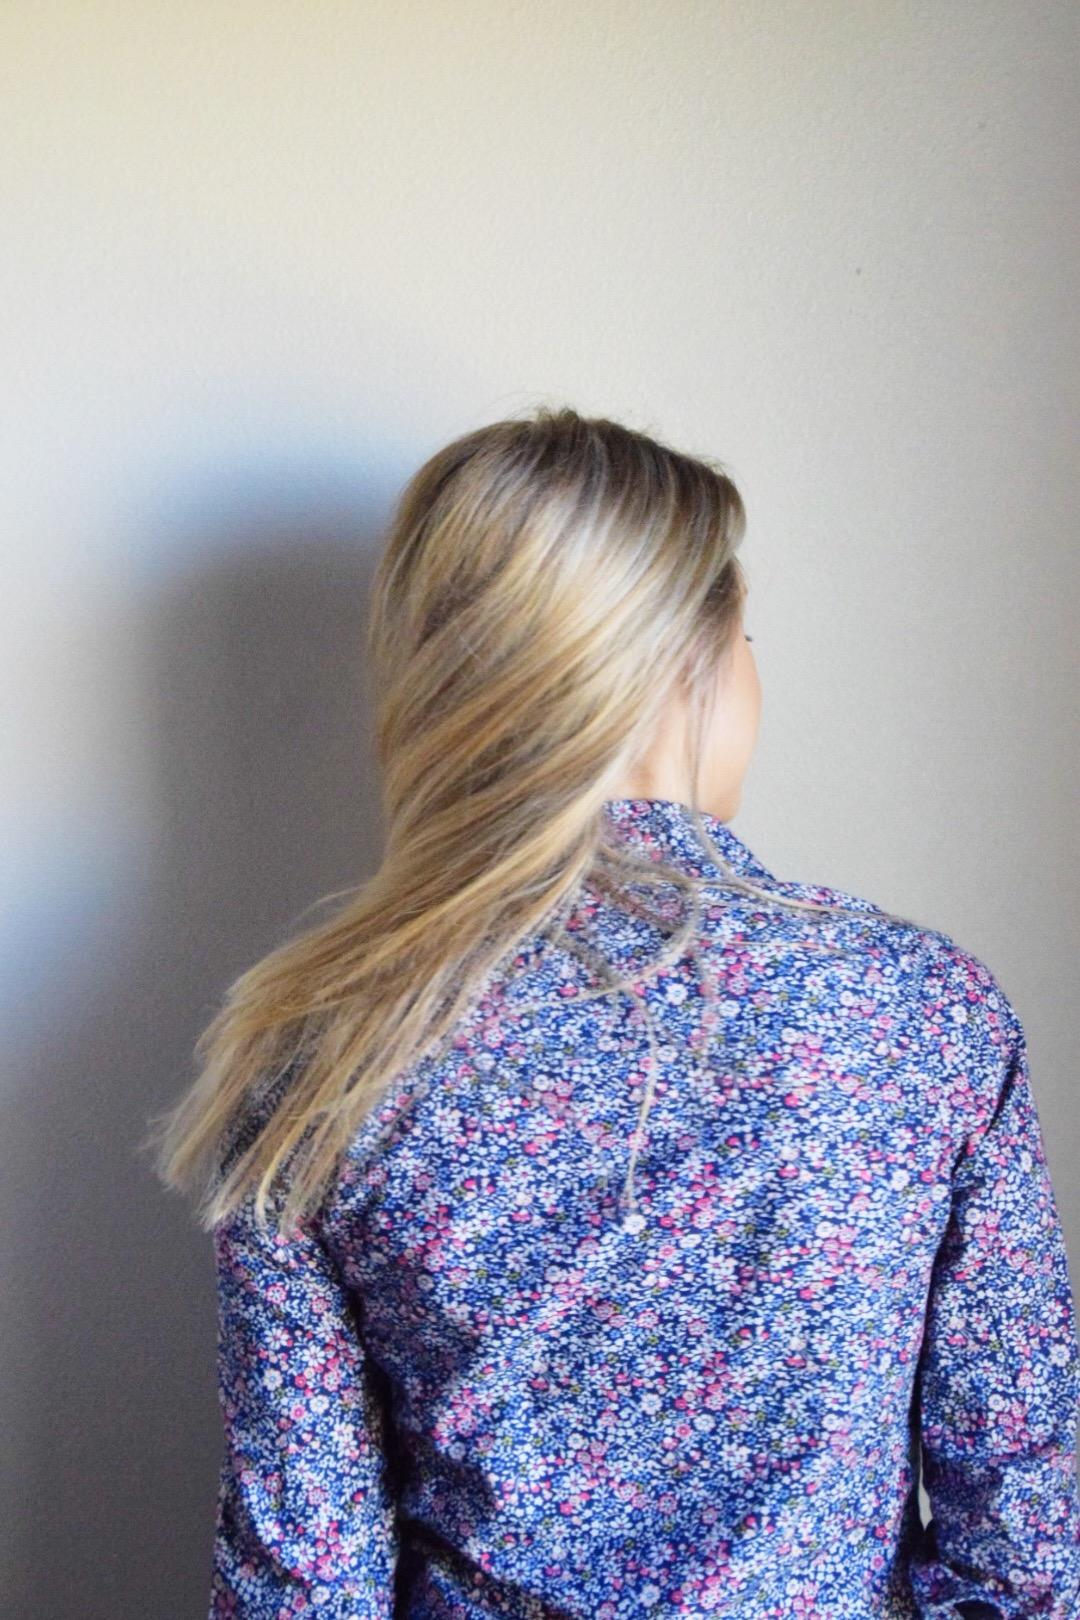 Houston Lifestyle Blogger - Hair Tips - Wander Dust Blog (2).JPG